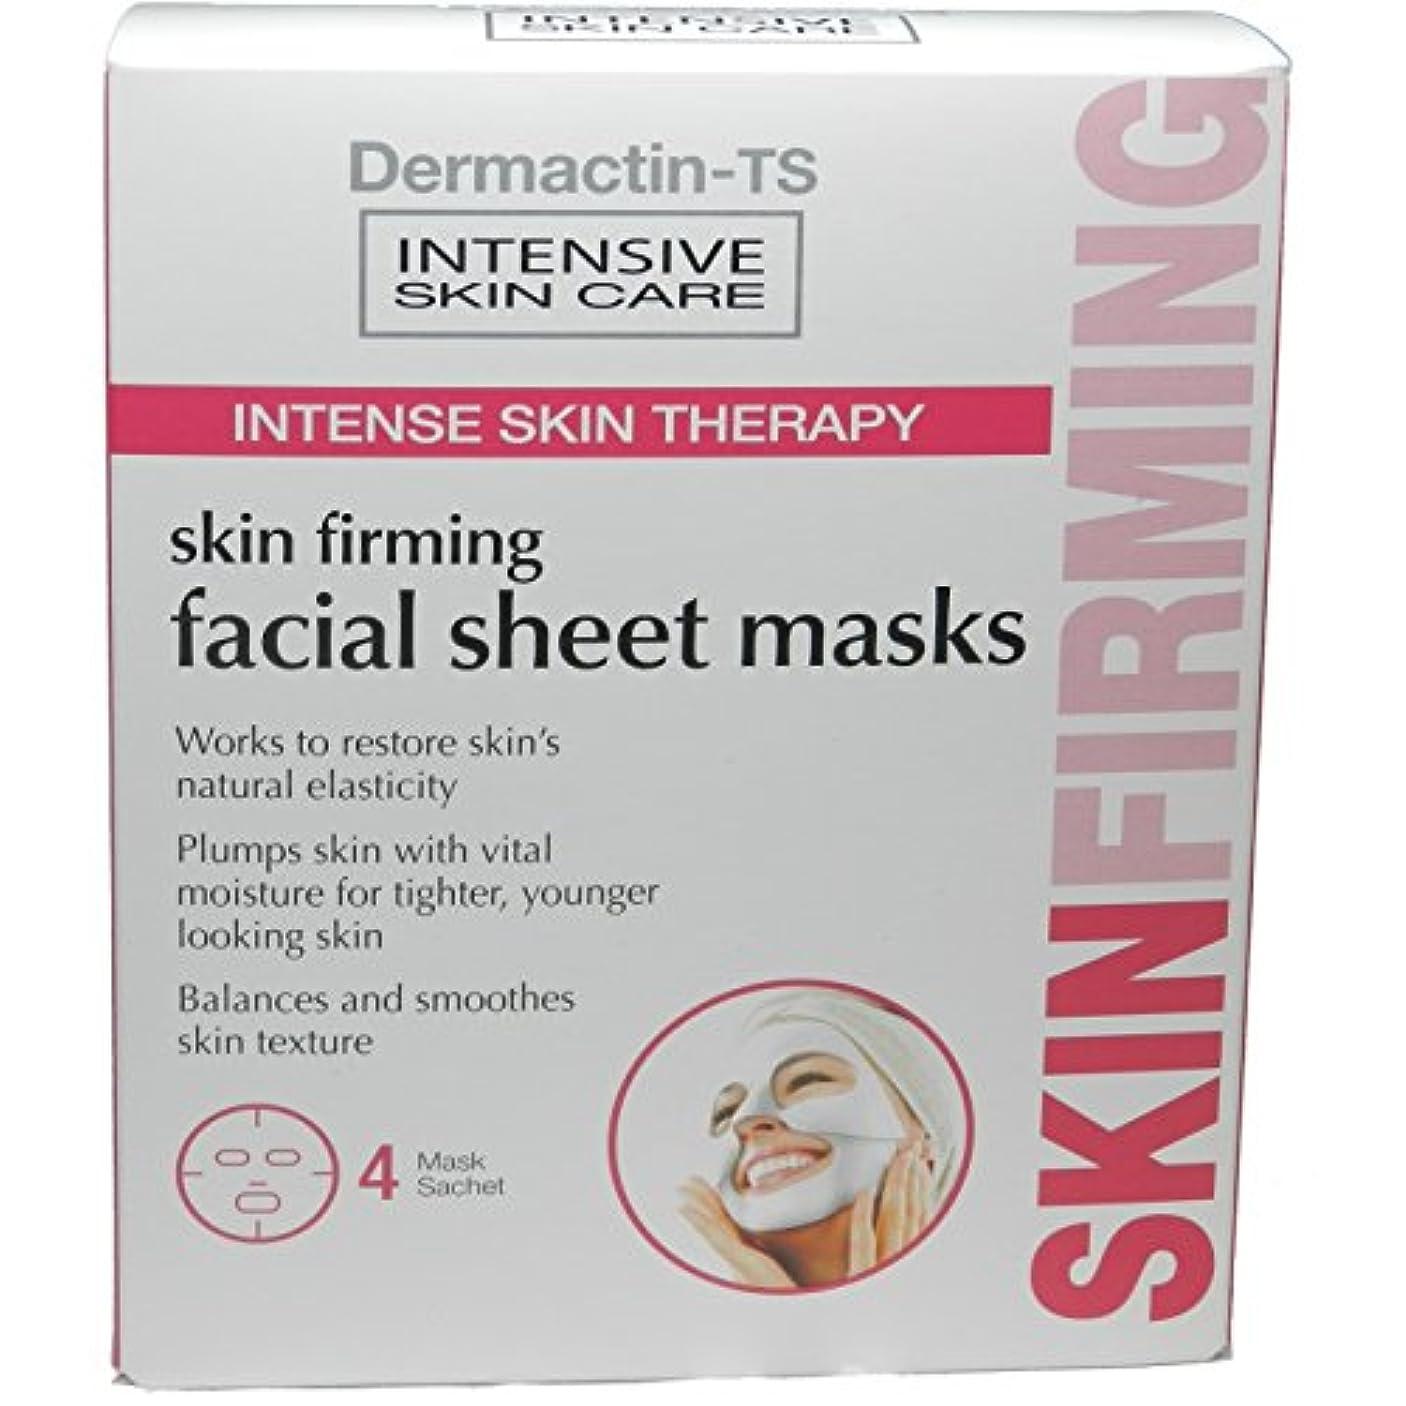 便利さライセンス投獄Dermactin-TS 激しいスキンセラピースキンファーミングフェイシャルマスク4カウント(6パック) (並行輸入品)